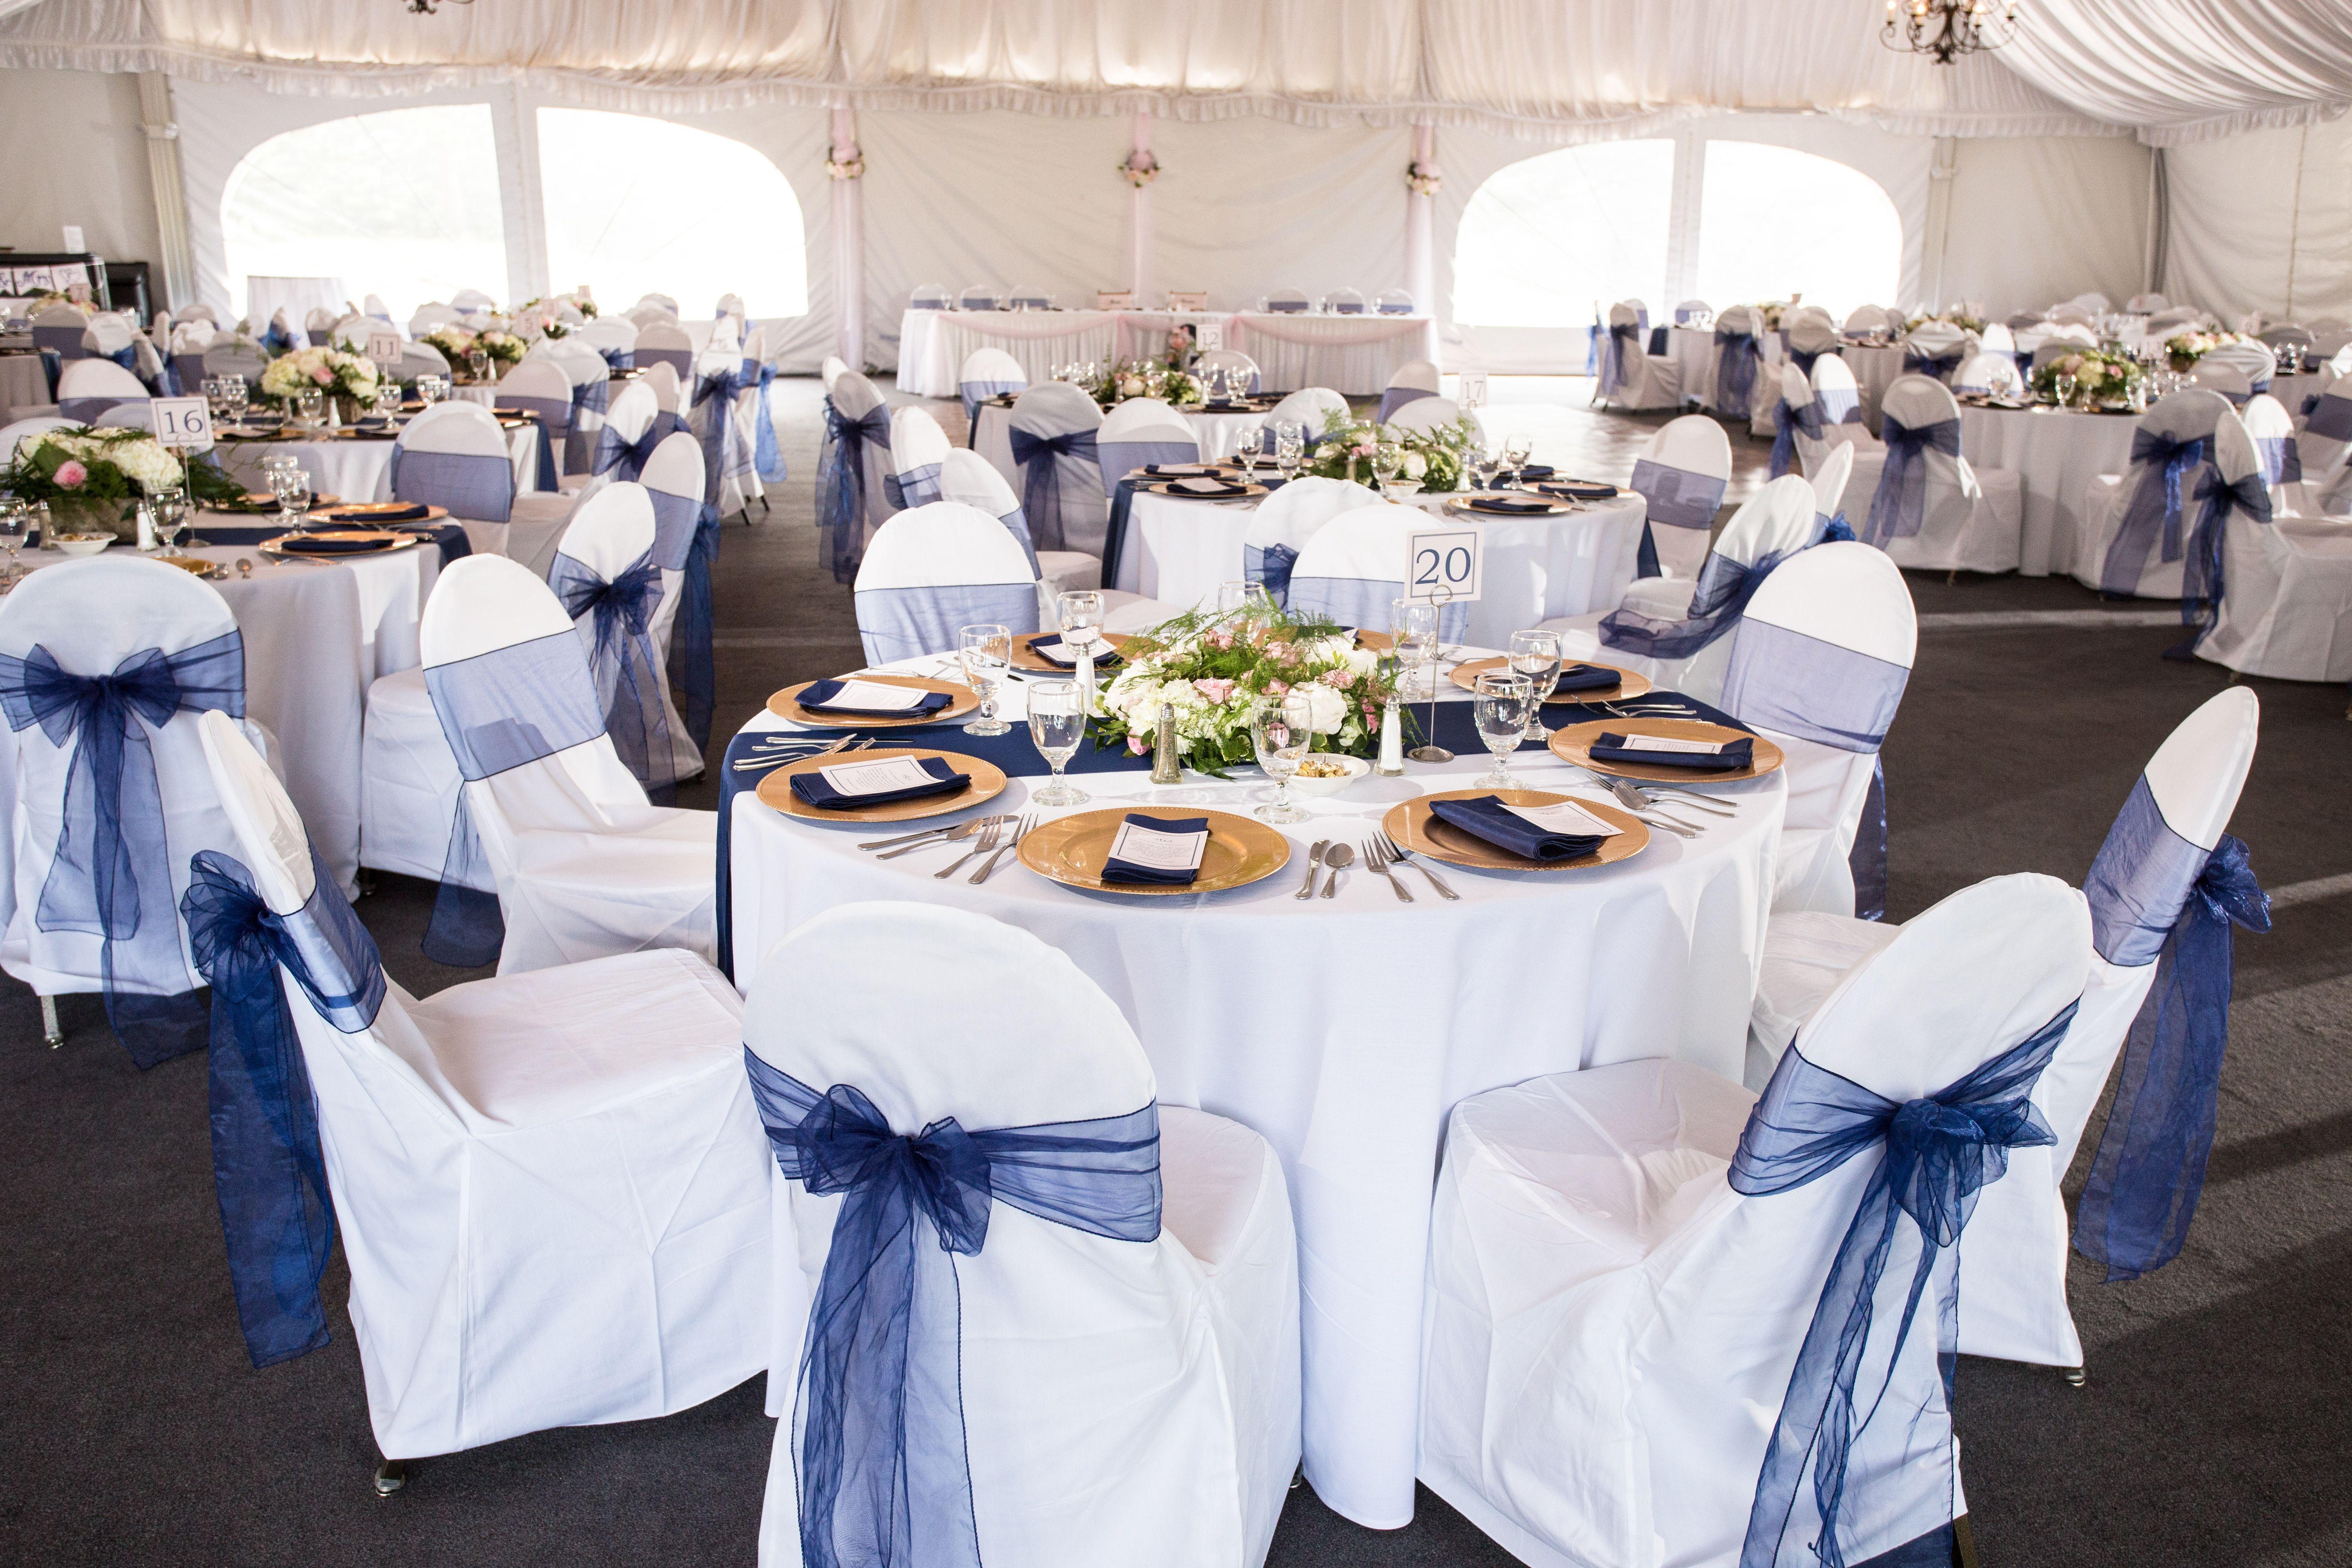 Linens Chair Covers Included In Wedding Packages Wisp Resort Deep Creek Weddings Photo Courtesy Of Tim Ray Pho Linen Chair Covers Chair Covers Inspiration